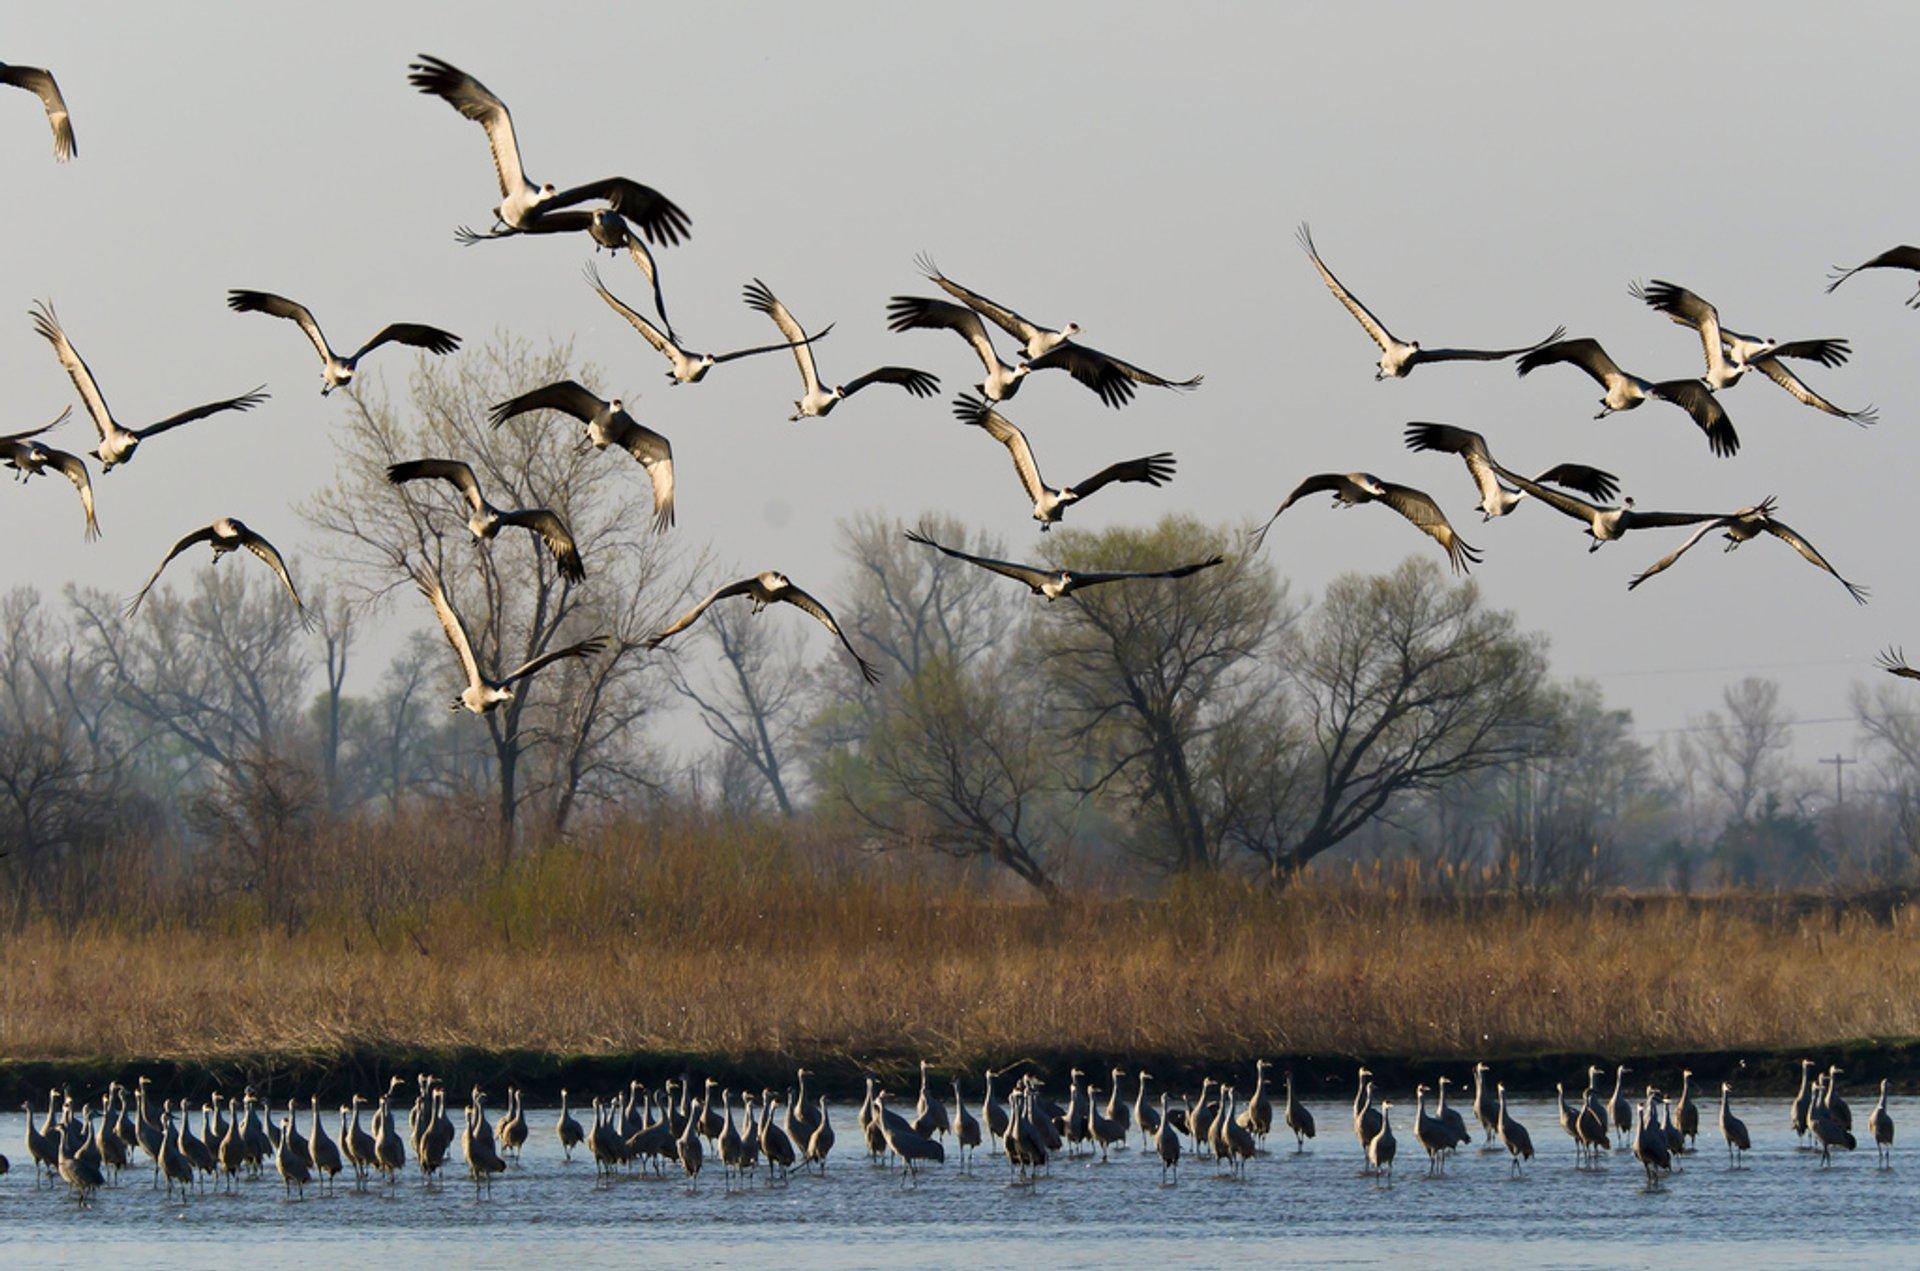 Sandhill Migration on the Platte River